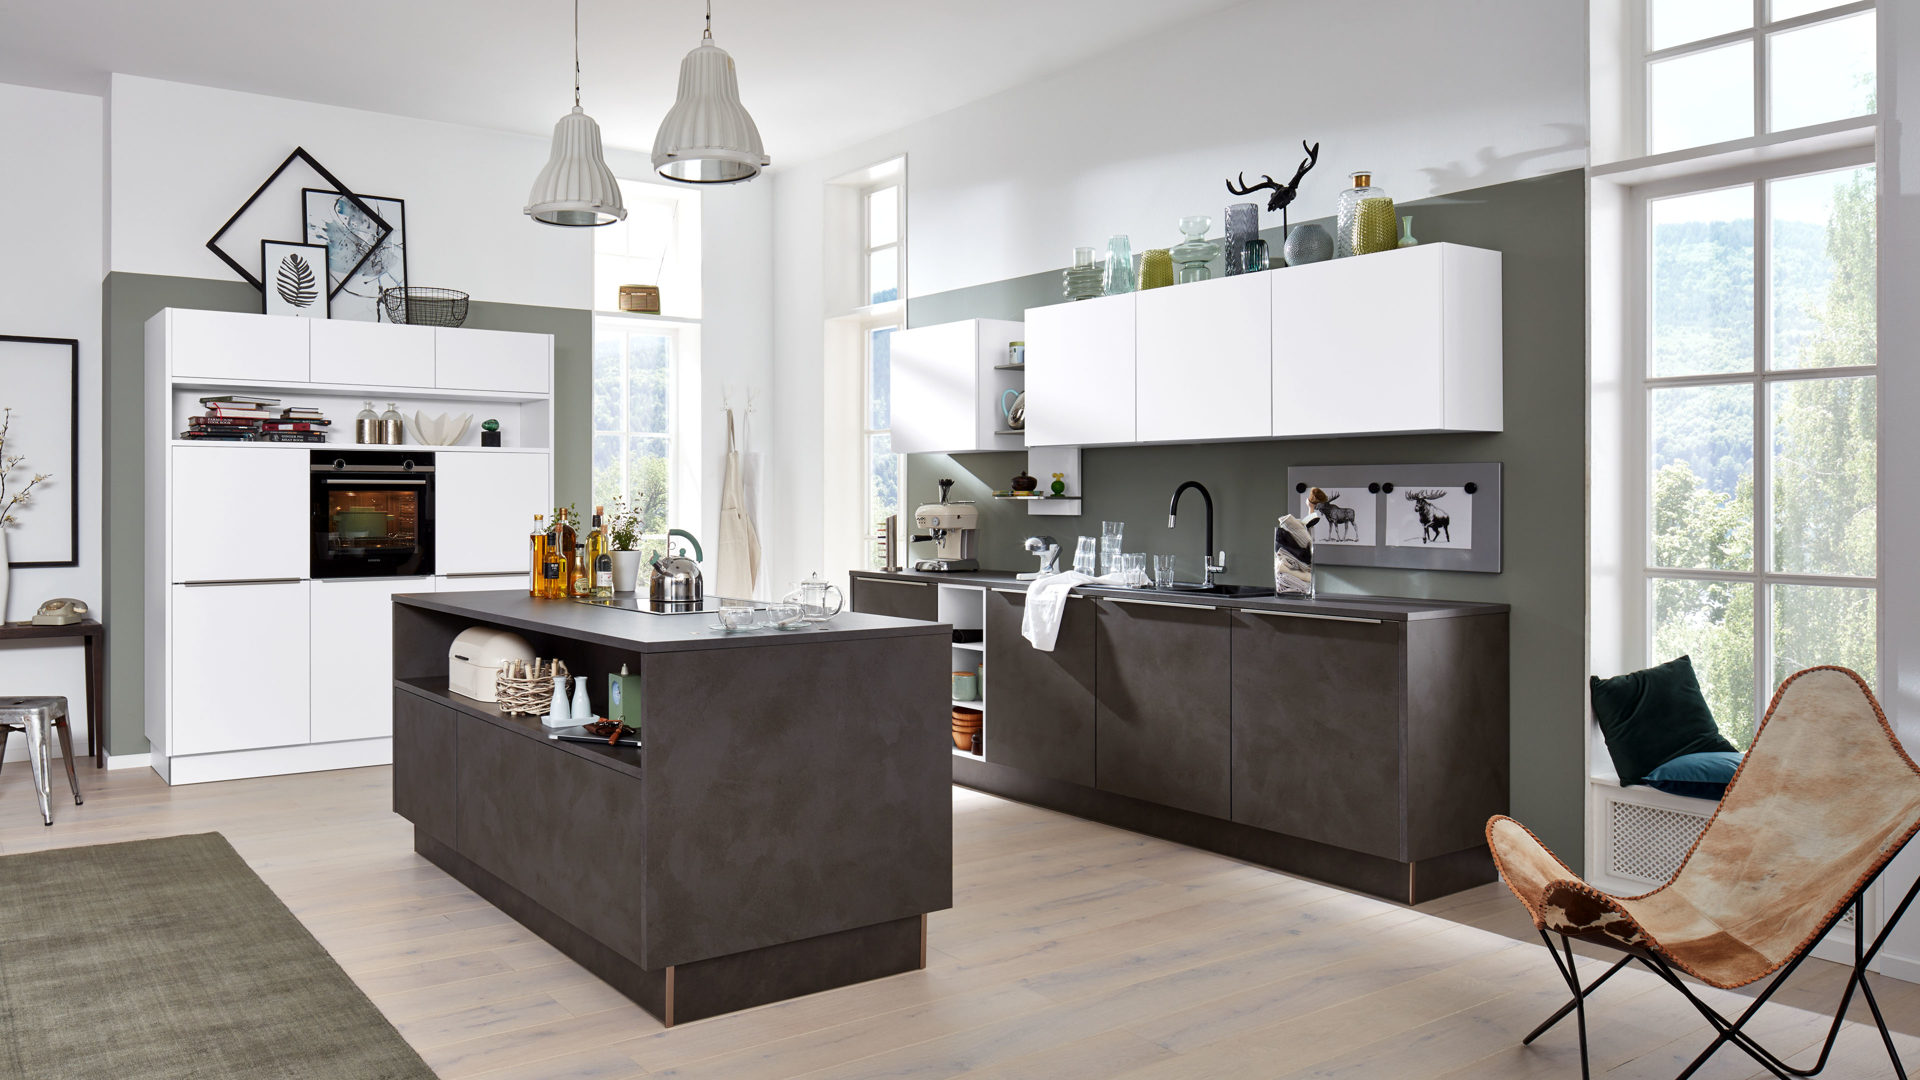 Interliving Küche Serie 3011 mit SIEMENS Einbaugeräten, Zement  anthrazitfarbene & weiße Kunststoffoberflächen – dreiteilig